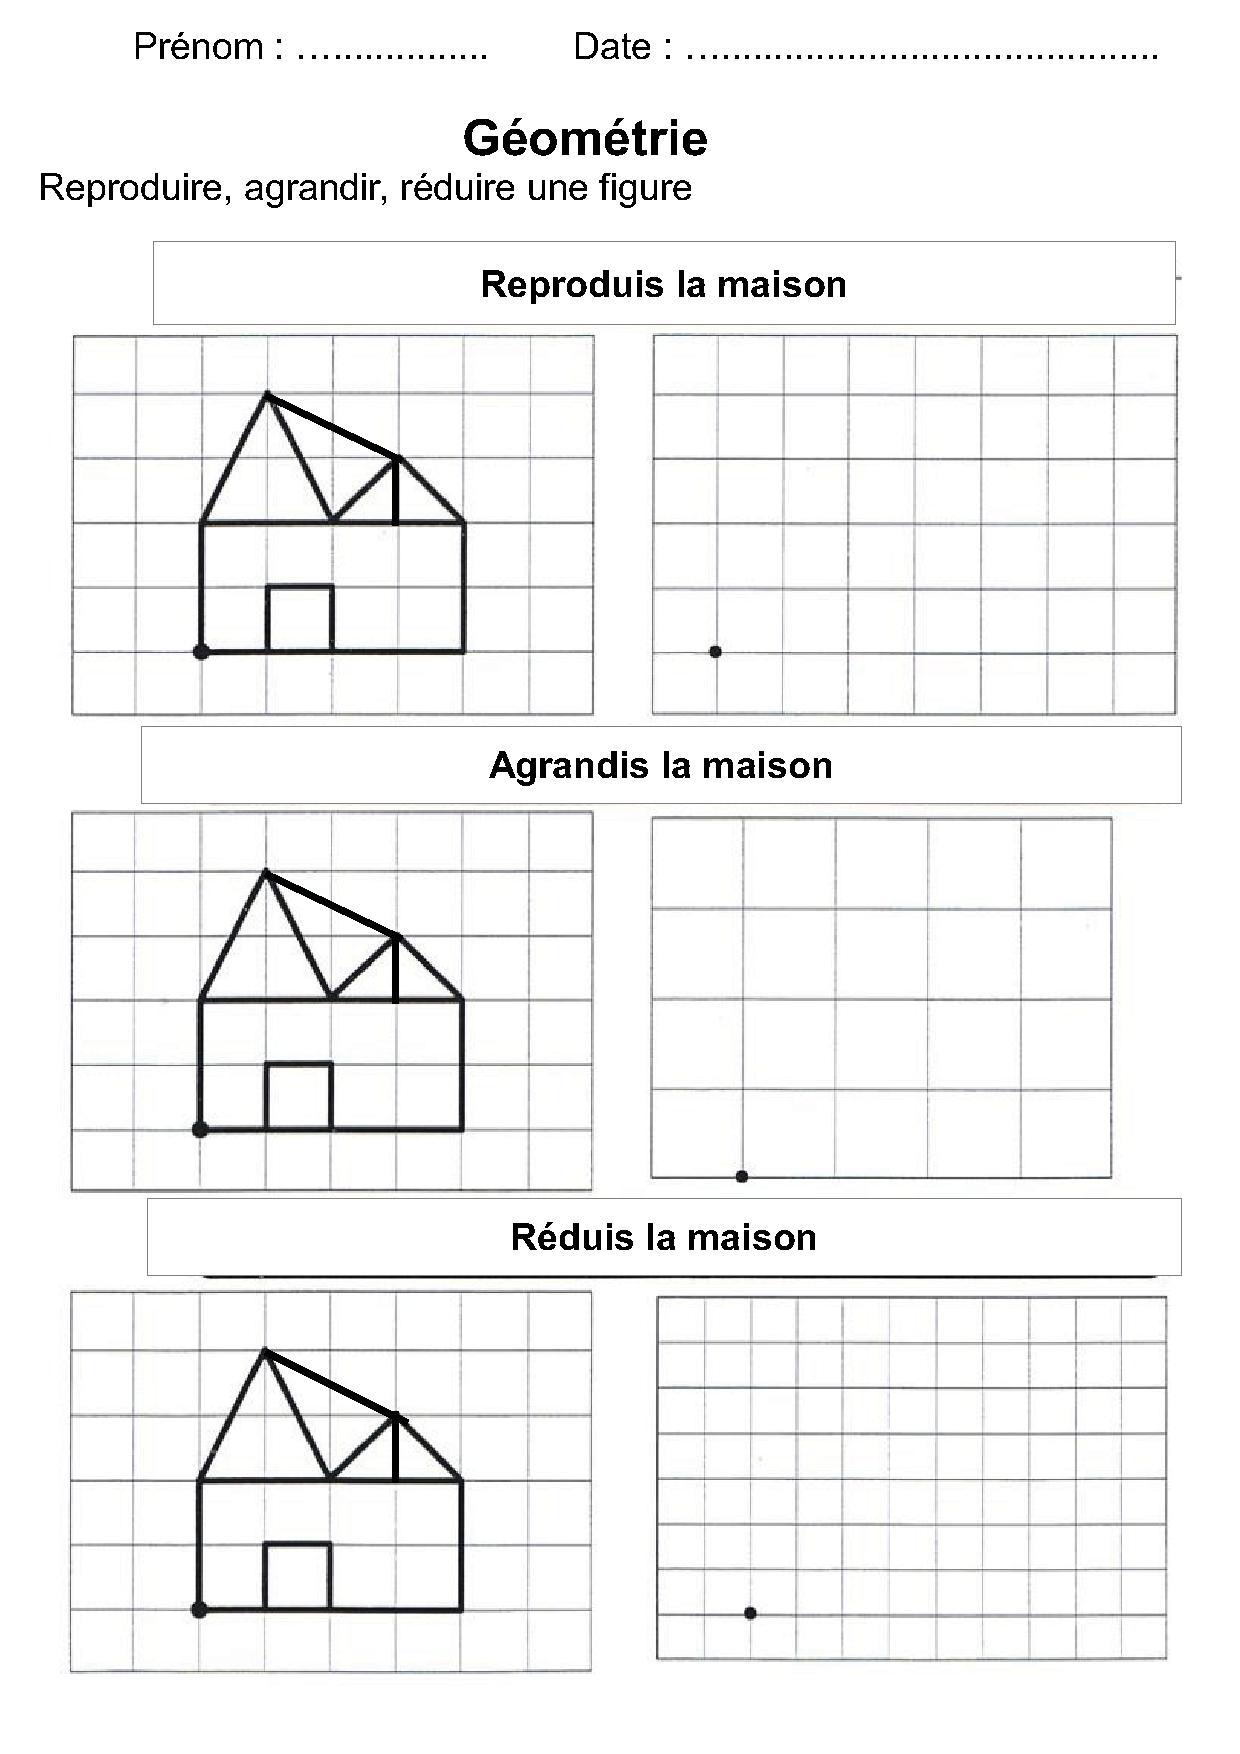 Géométrie Ce1,Ce2,La Symétrie,Reproduire Une Figure tout Figures Géométriques Ce1